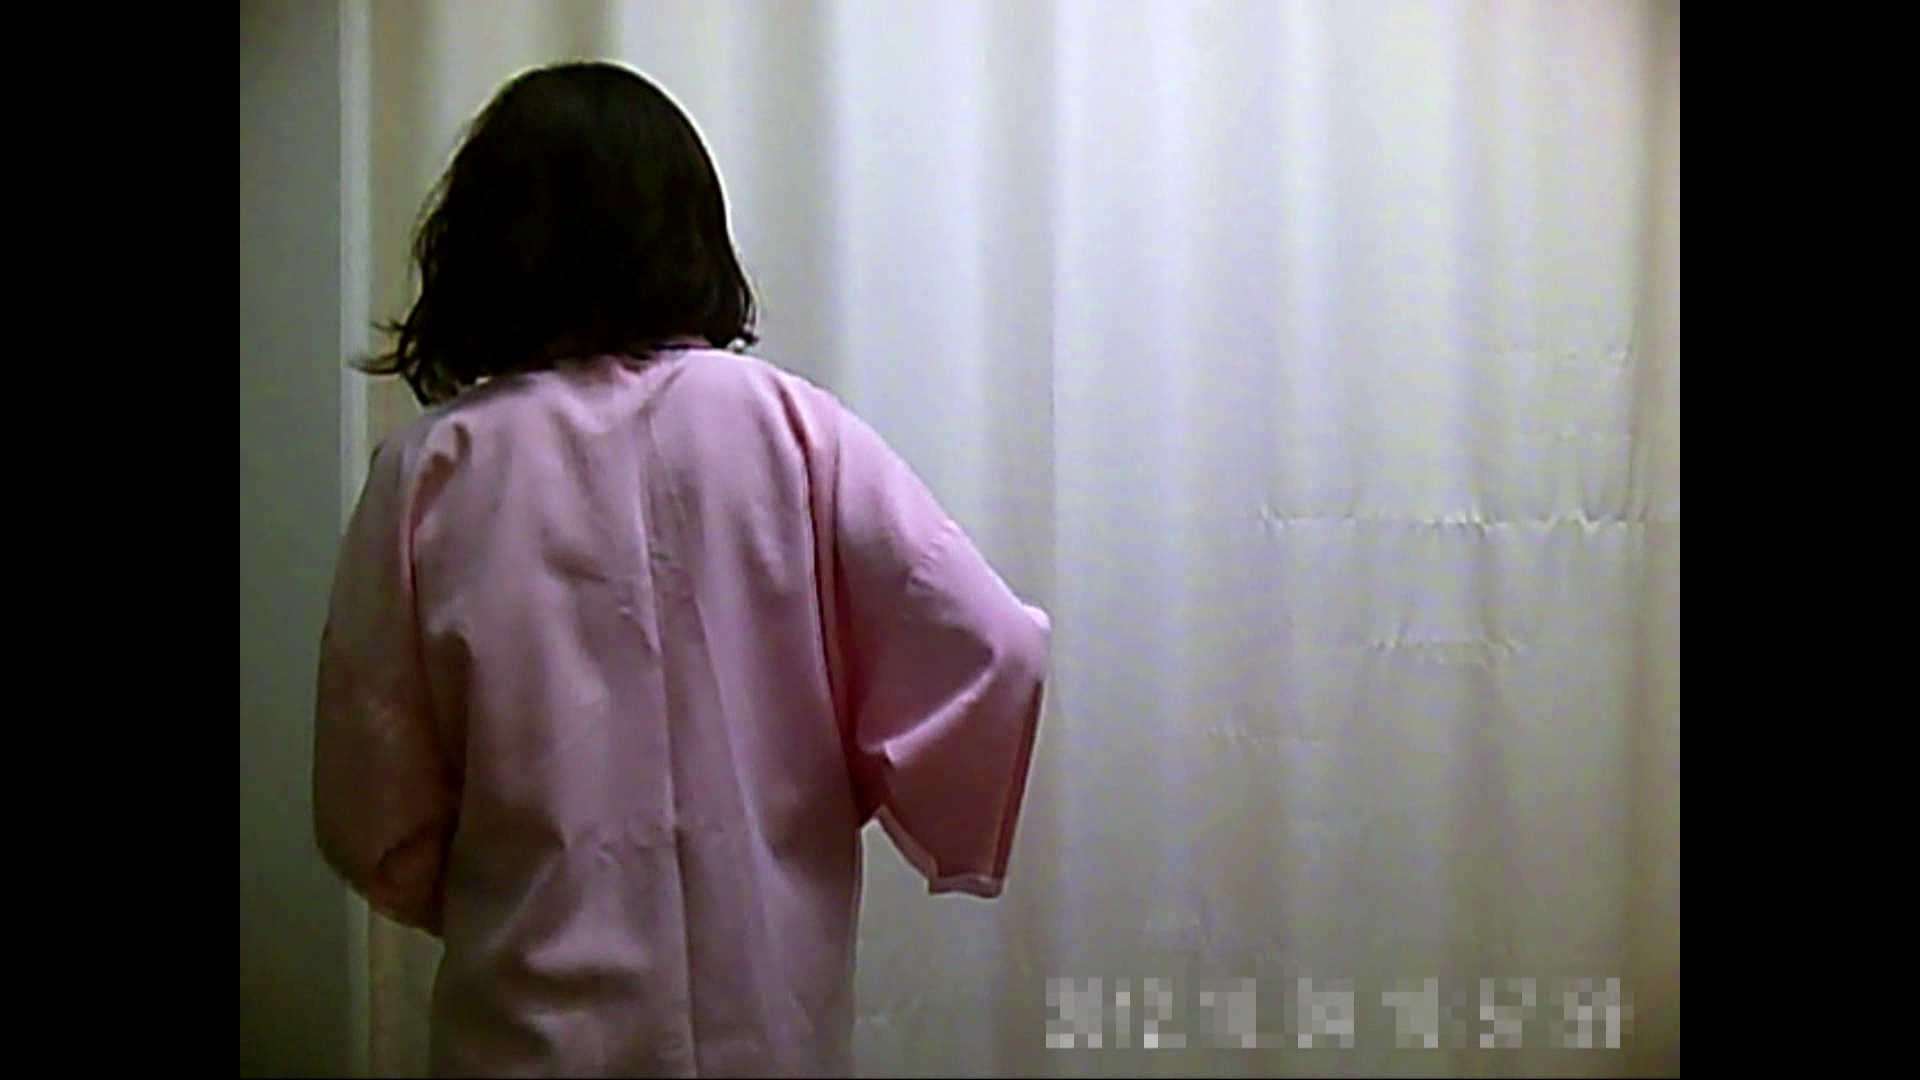 元医者による反抗 更衣室地獄絵巻 vol.068 OL  99pic 90